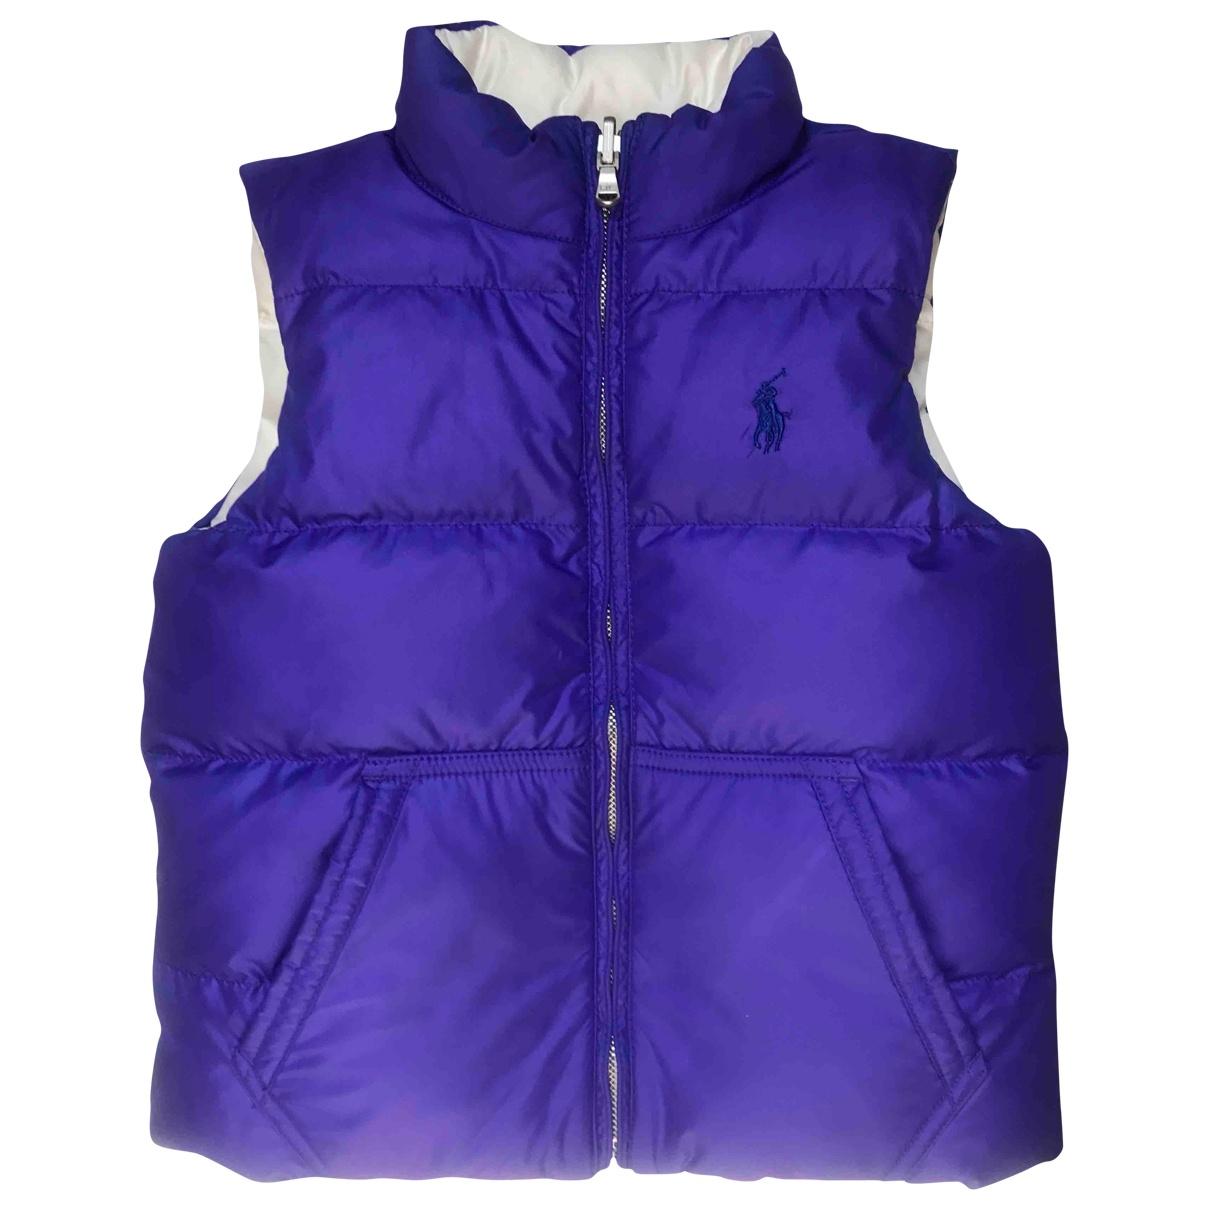 Polo Ralph Lauren - Blousons.Manteaux   pour enfant - multicolore